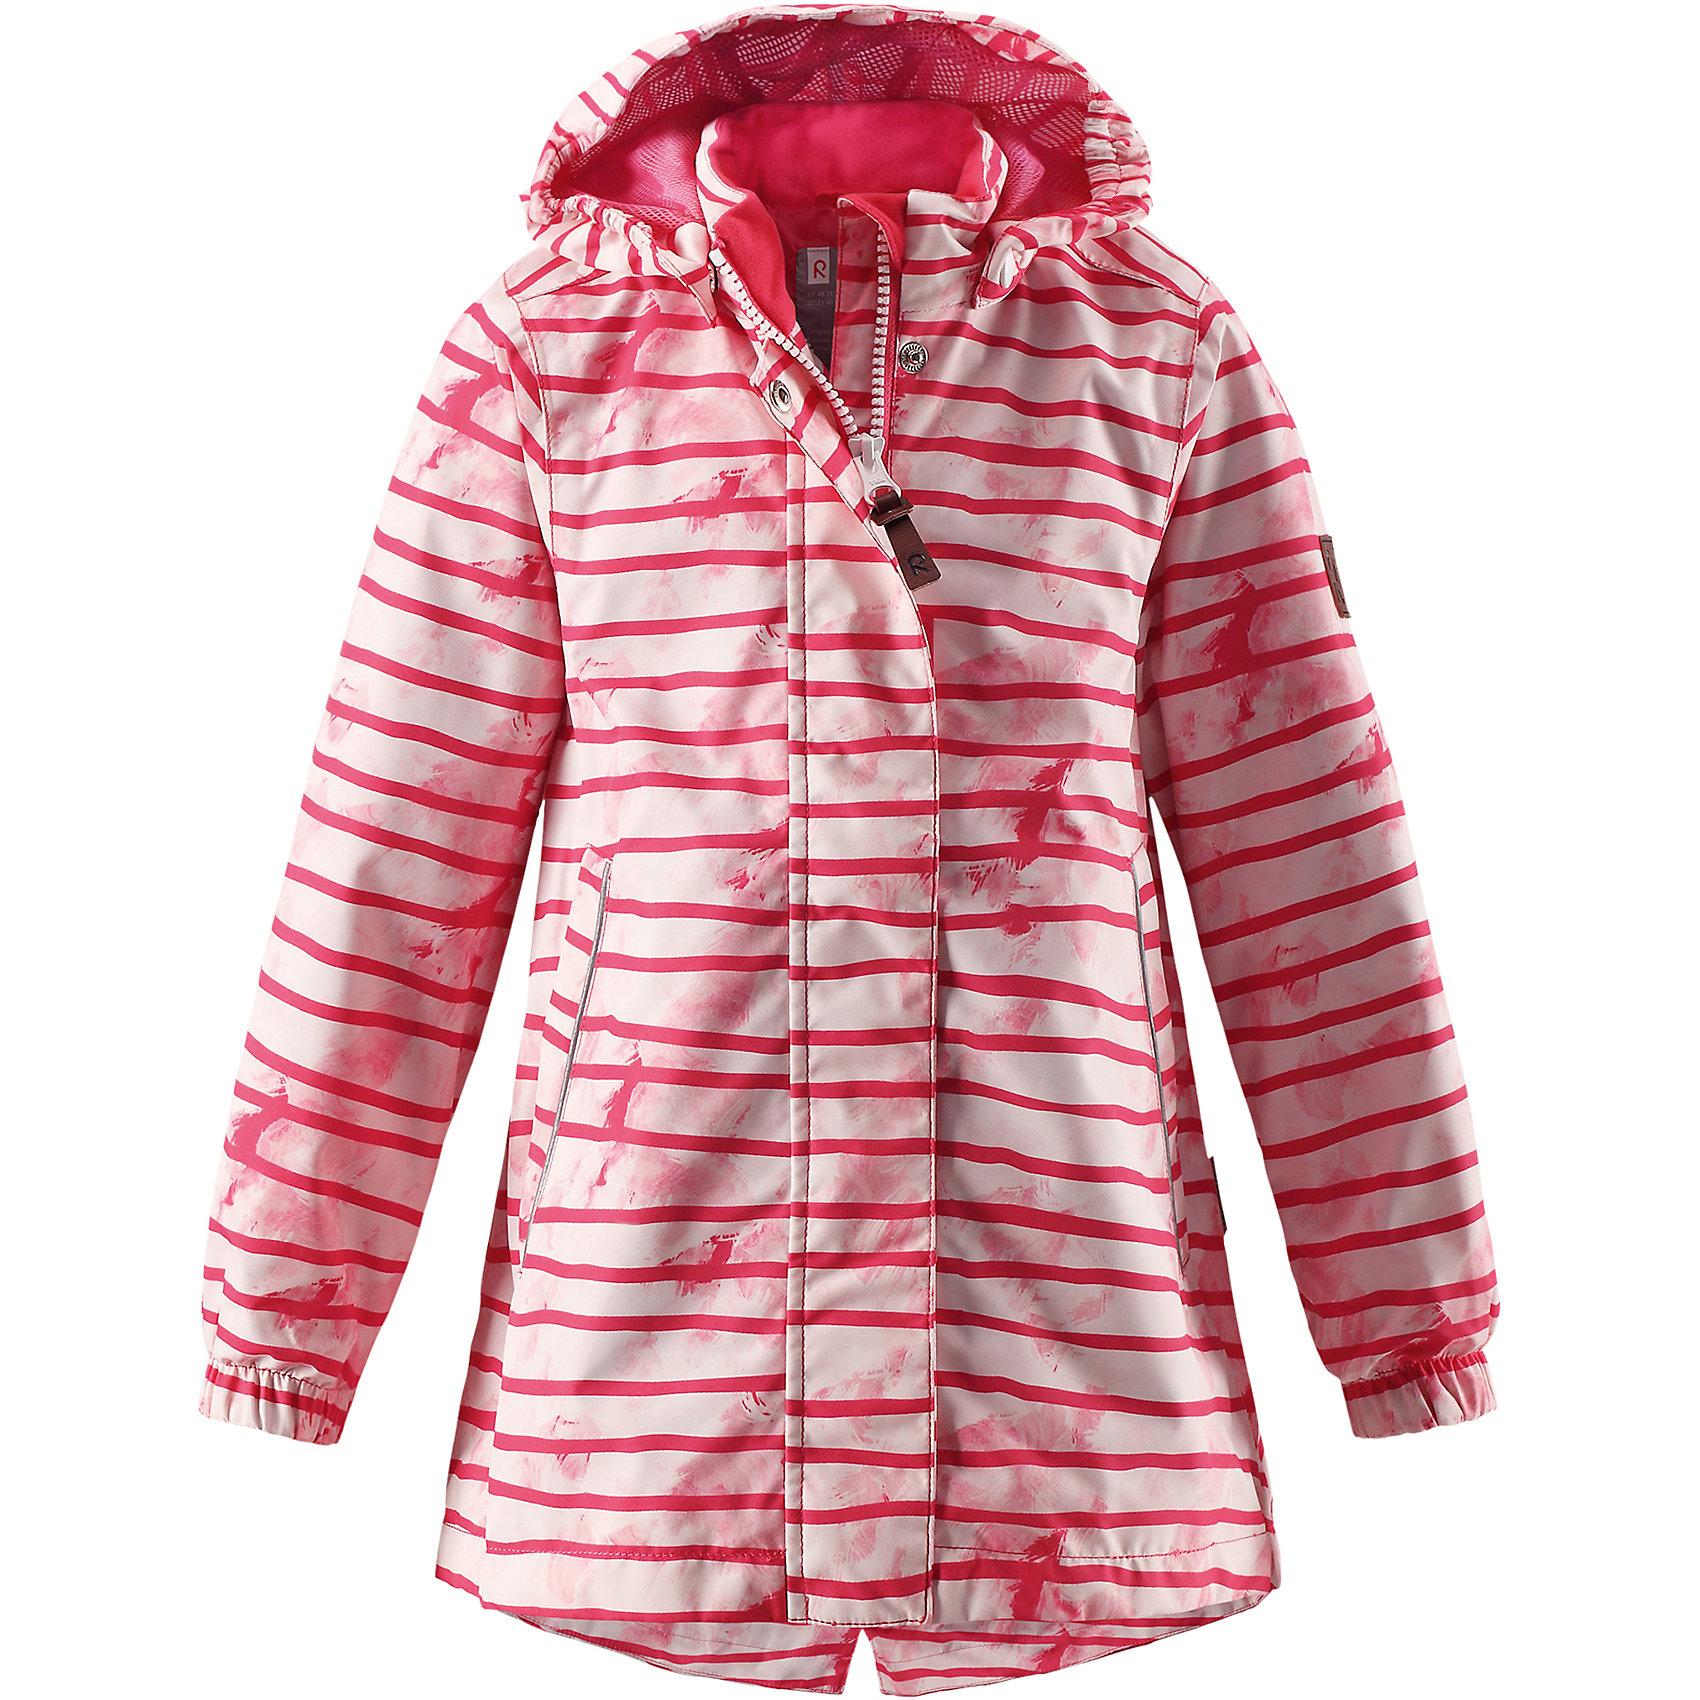 Куртка Kimalle для девочки Reimatec® ReimaОдежда<br>Характеристики товара:<br><br>• цвет: розовый<br>• состав: 100% полиэстер, полиуретановое покрытие<br>• температурный режим: от +5° до +15°С<br>• водонепроницаемость: 5000 мм<br>• воздухопроницаемость: 3000 мм<br>• износостойкость: 15000 циклов (тест Мартиндейла)<br>• без утеплителя<br>• основные швы проклеены, водонепроницаемы<br>• водо- и ветронепроницаемый, дышащий, грязеотталкивающий материал<br>• удлиненная модель<br>• гладкая подкладка из полиэстера<br>• эластичные манжеты<br>• безопасный съёмный капюшон<br>• талия регулируется изнутри<br>• два прорезных кармана<br>• светоотражающие детали<br>• комфортная посадка<br>• страна производства: Китай<br>• страна бренда: Финляндия<br>• коллекция: весна-лето 2017<br><br>В межсезонье верхняя одежда для детей может быть модной и комфортной одновременно! Демисезонная куртка поможет обеспечить ребенку комфорт и тепло. Она отлично смотрится с различной одеждой и обувью. Изделие удобно сидит и модно выглядит. Материал - прочный, хорошо подходящий для межсезонья, водо- и ветронепроницаемый, «дышащий». Стильный дизайн разрабатывался специально для детей.<br><br>Одежда и обувь от финского бренда Reima пользуется популярностью во многих странах. Эти изделия стильные, качественные и удобные. Для производства продукции используются только безопасные, проверенные материалы и фурнитура. Порадуйте ребенка модными и красивыми вещами от Reima! <br><br>Куртку для девочки Reimatec® от финского бренда Reima (Рейма) можно купить в нашем интернет-магазине.<br><br>Ширина мм: 356<br>Глубина мм: 10<br>Высота мм: 245<br>Вес г: 519<br>Цвет: розовый<br>Возраст от месяцев: 48<br>Возраст до месяцев: 60<br>Пол: Женский<br>Возраст: Детский<br>Размер: 110,128,134,140,116,152,122,146,104<br>SKU: 5270623